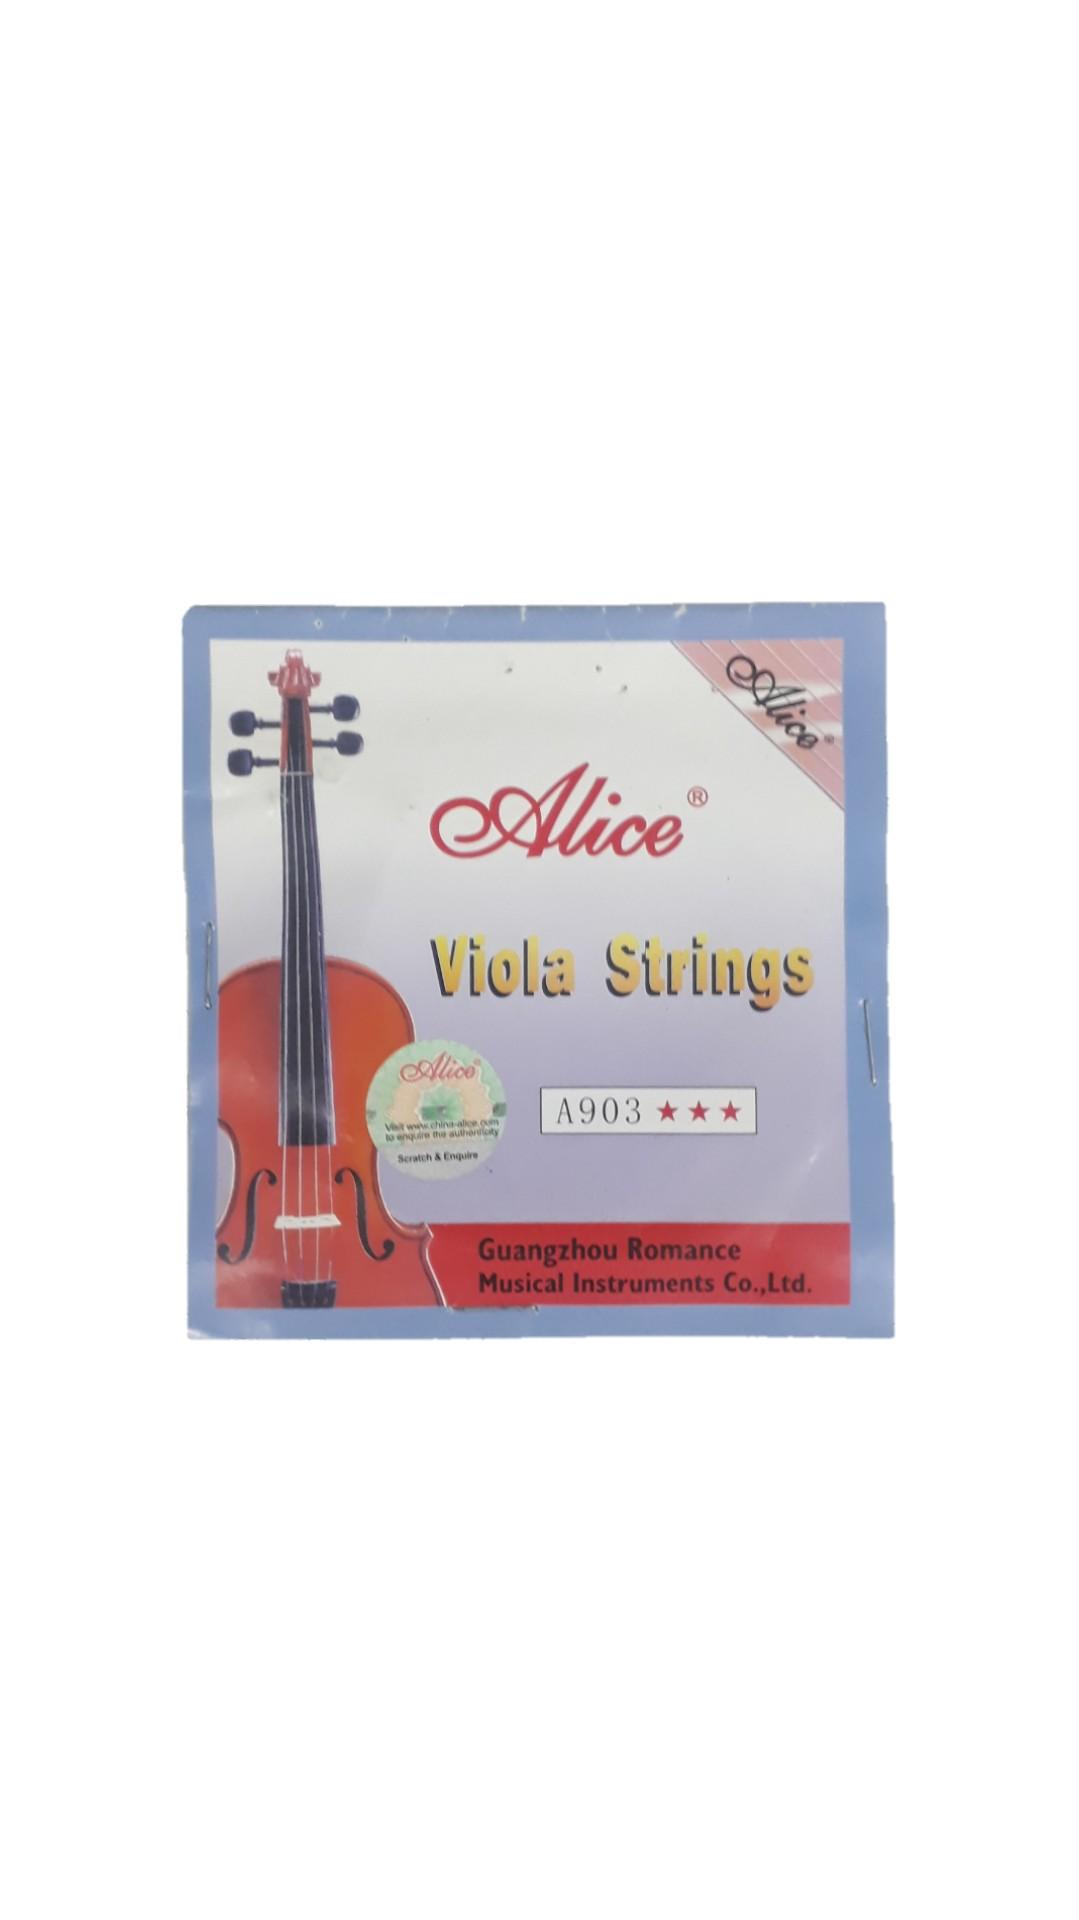 Encordoamento Para Viola.de Arco Schienffer A903 Schvls001